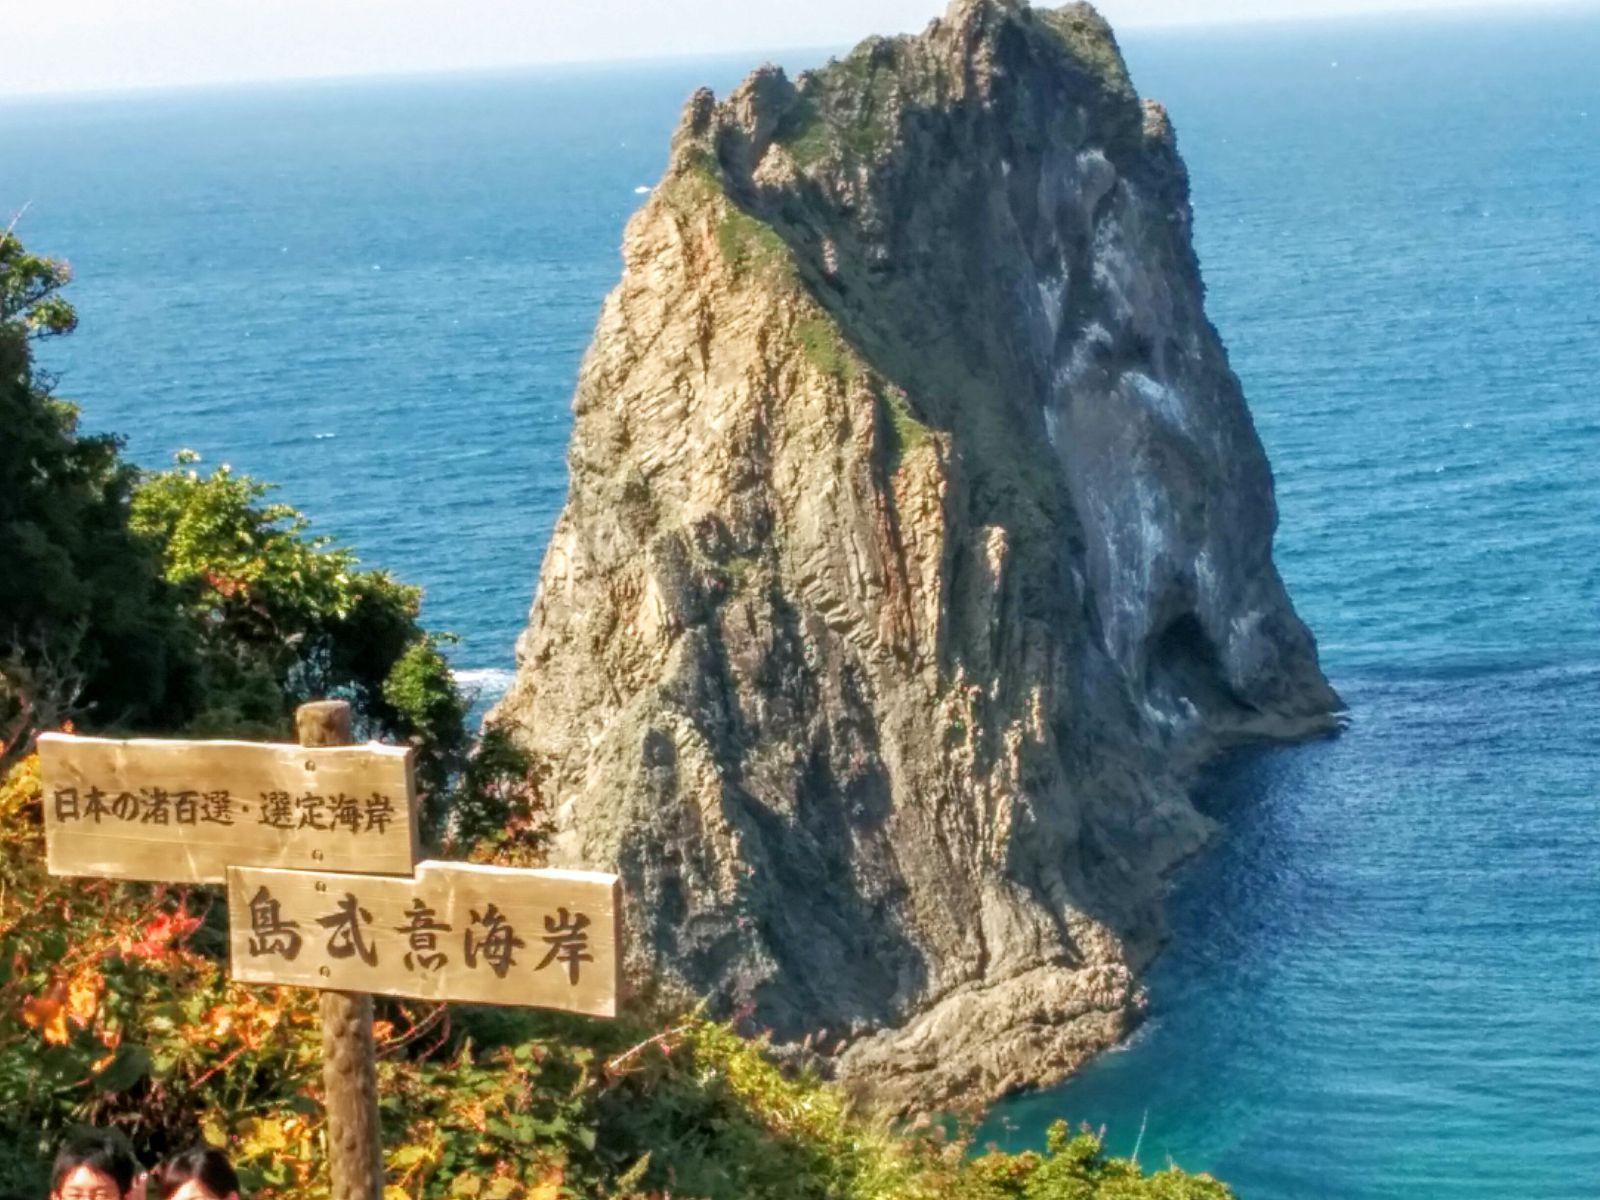 【積丹町】積丹岬観光案内です。